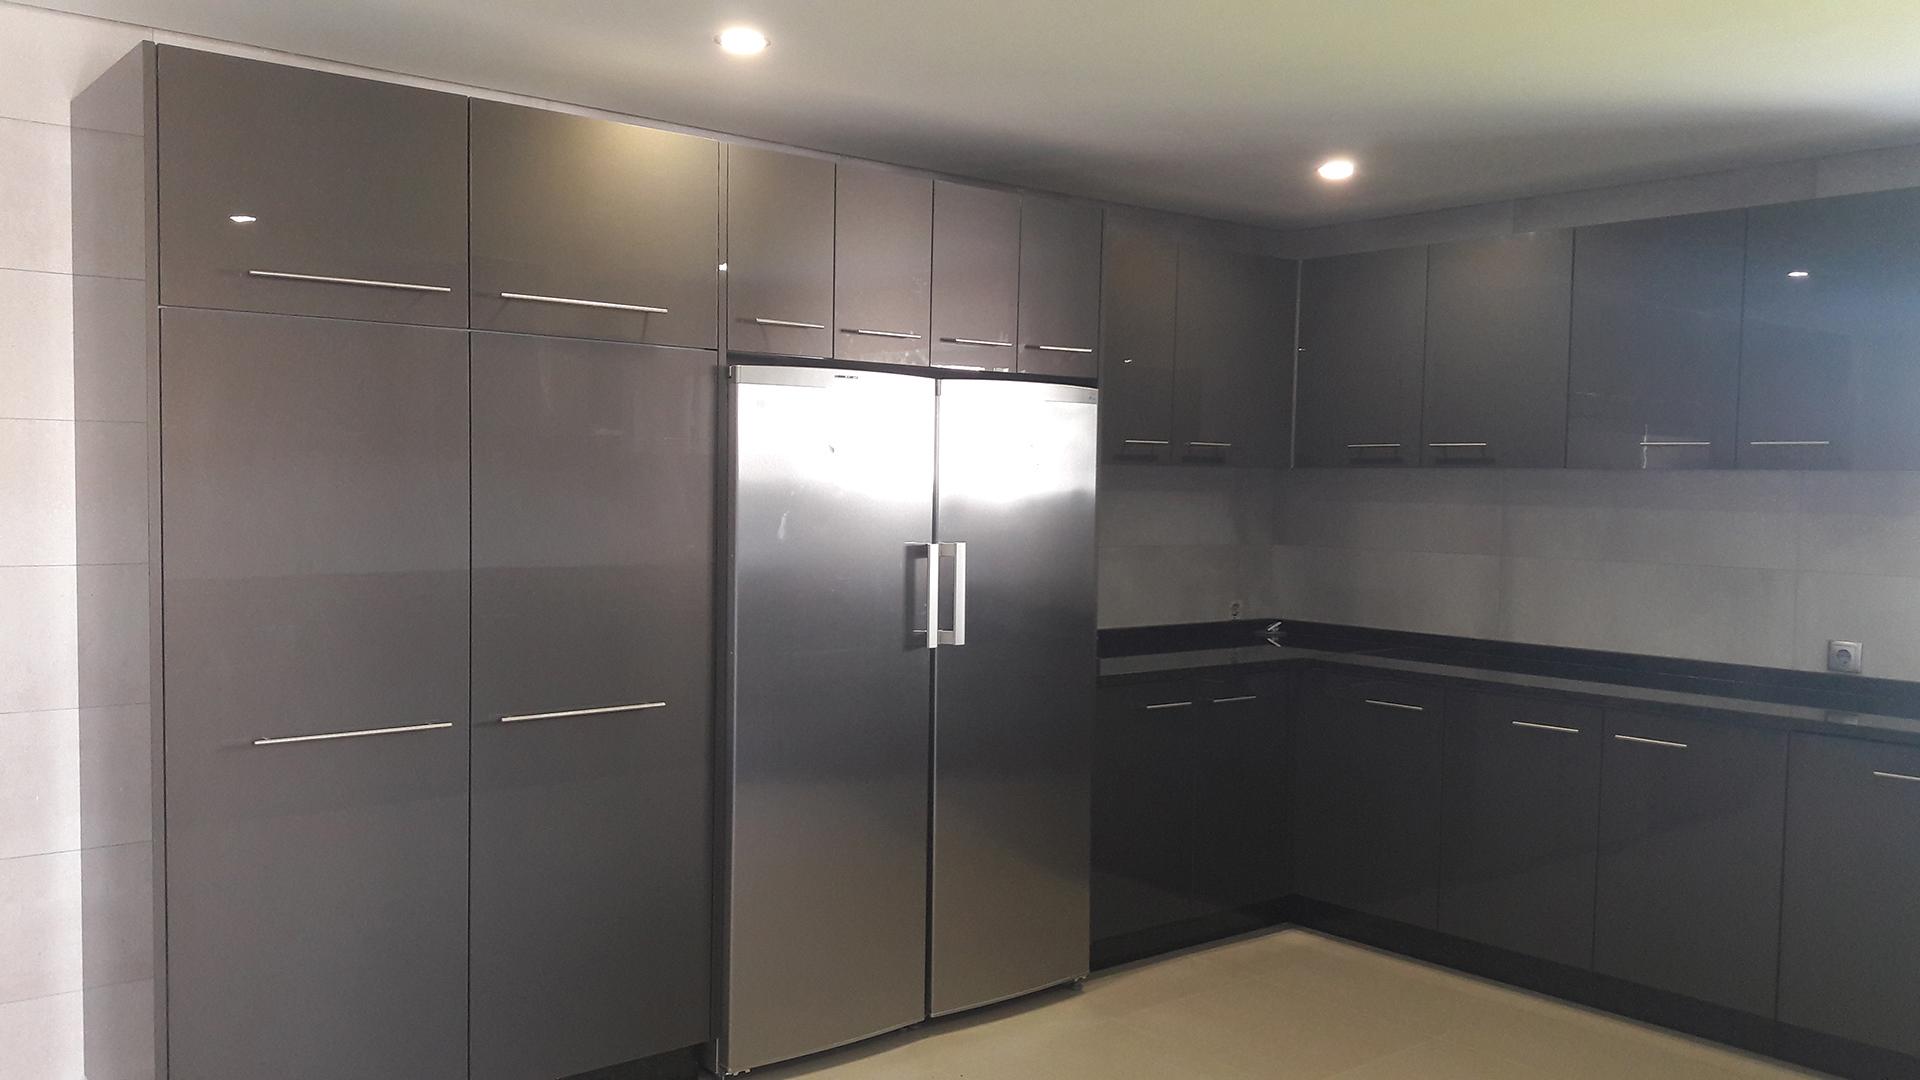 Cozinha com frentes em Acrílico Antracite (Cinza Escuro) brilhante